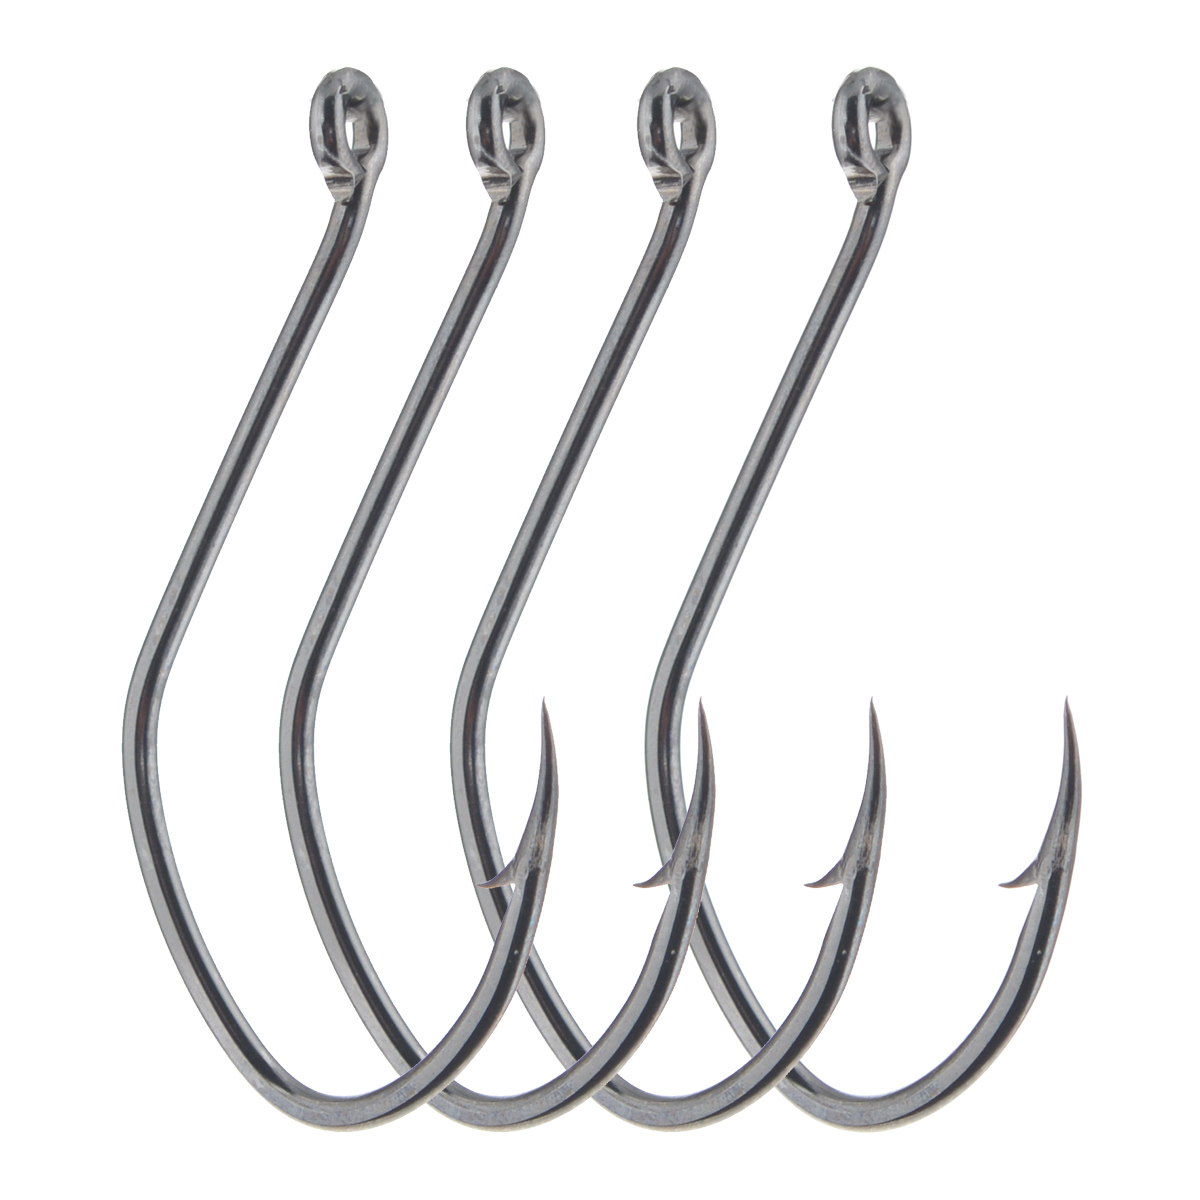 Крючки рыболовные Cobra Catfish, цвет: черный, размер 6/0, 4 штPGPS7797CIS08GBNVПрочные крючки Cobra Catfish для ловли трофейной рыбы, прекрасно удерживает различные насадки. Данные крючки хорошо себя зарекомендовали при ловле на живую насадку - своим весом они не стесняют ее движений. Благодаря специальной заточке жала, крючок легко пробивает прочную хрящевую и костную ткань. Чуть отогнутое назад колечко позволяет привязывать крючок к леске различными способами.